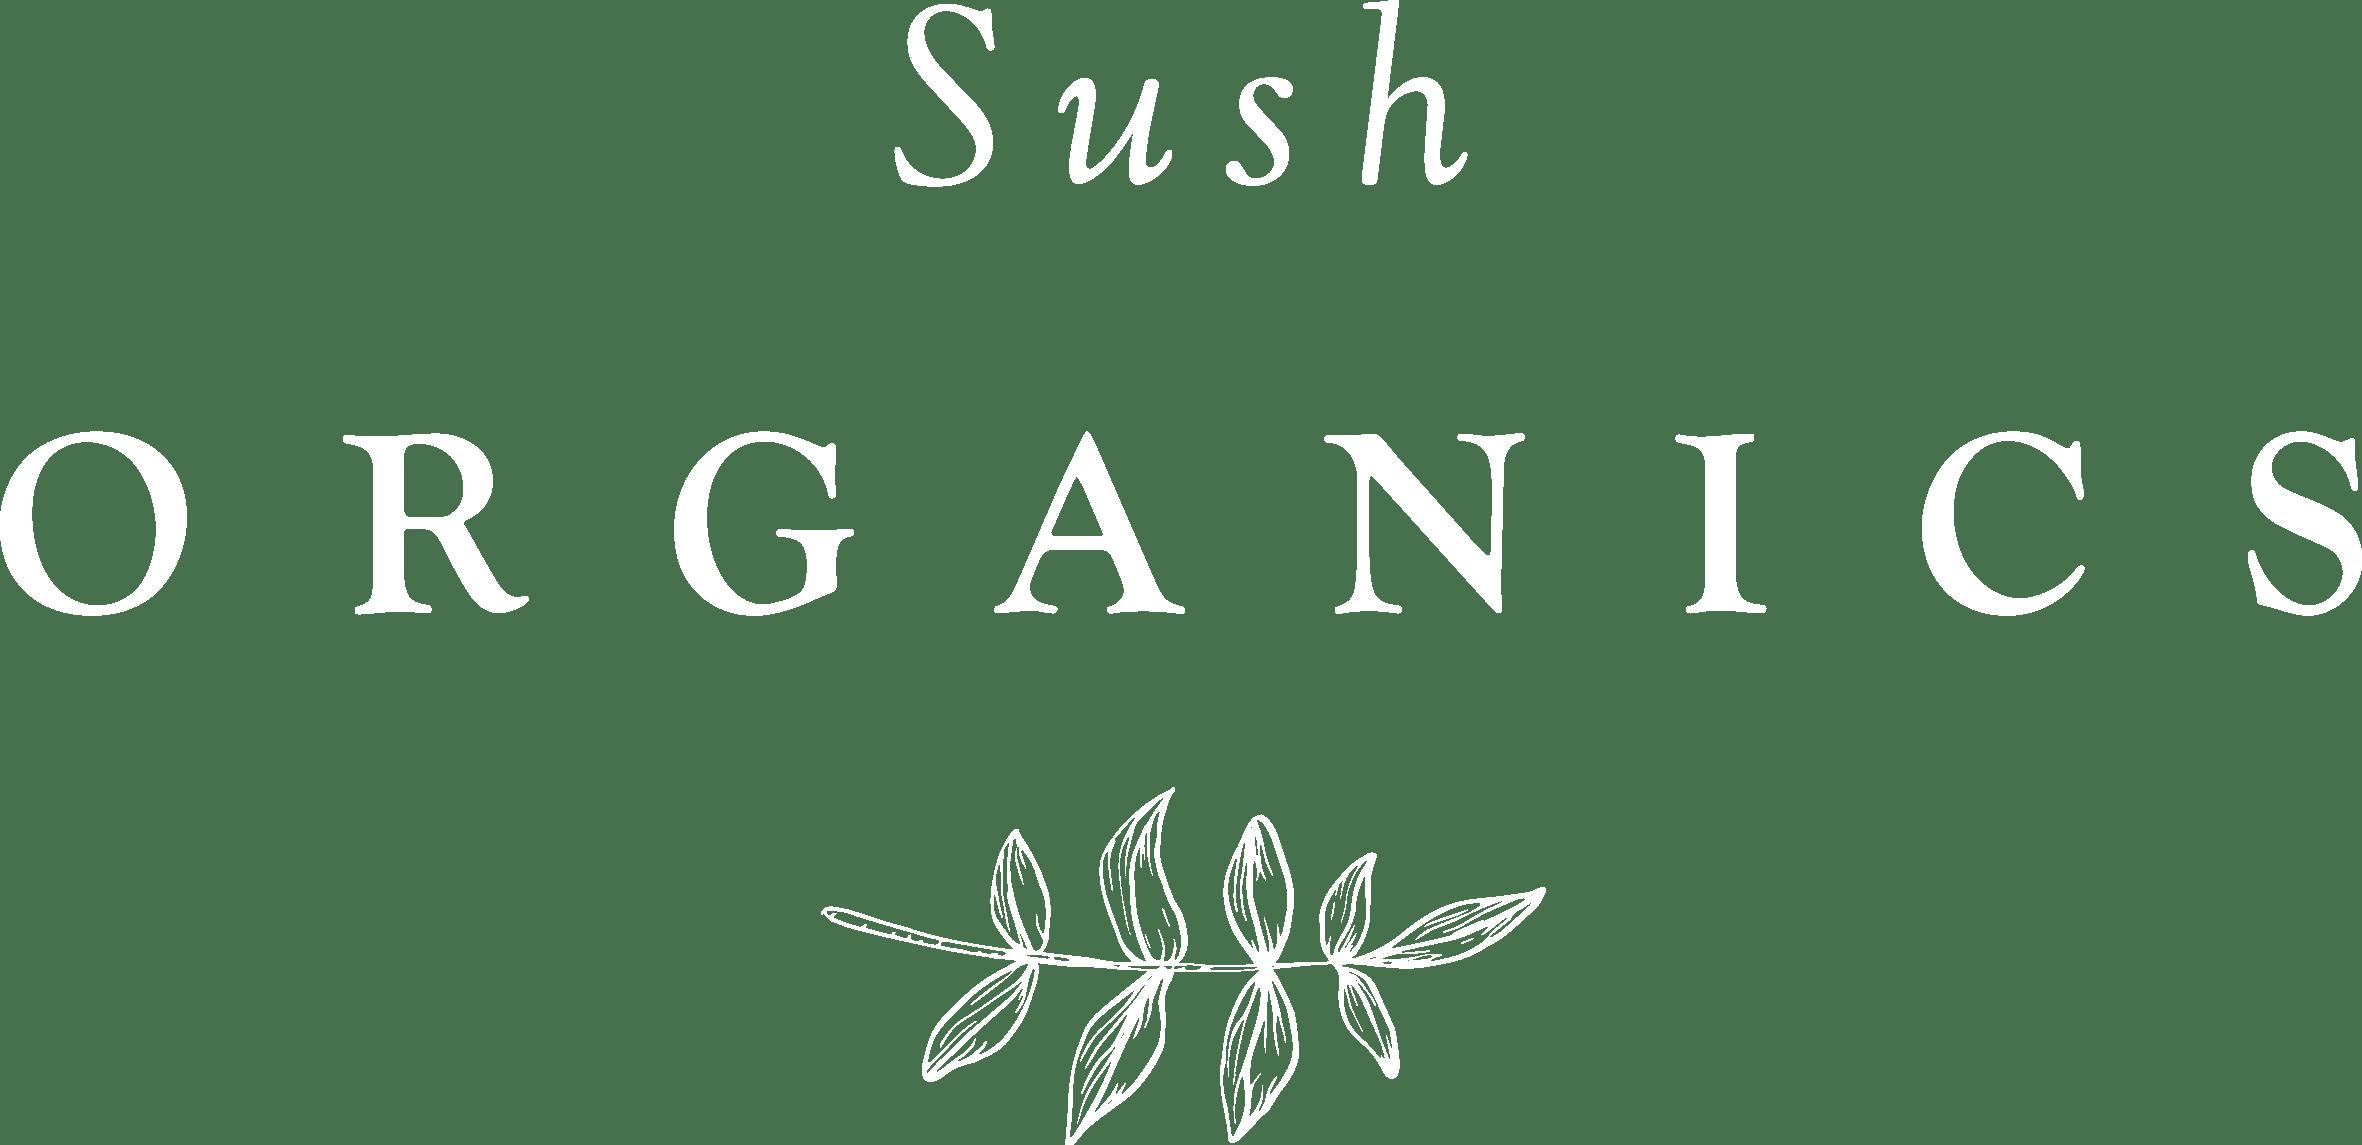 SushOrganics